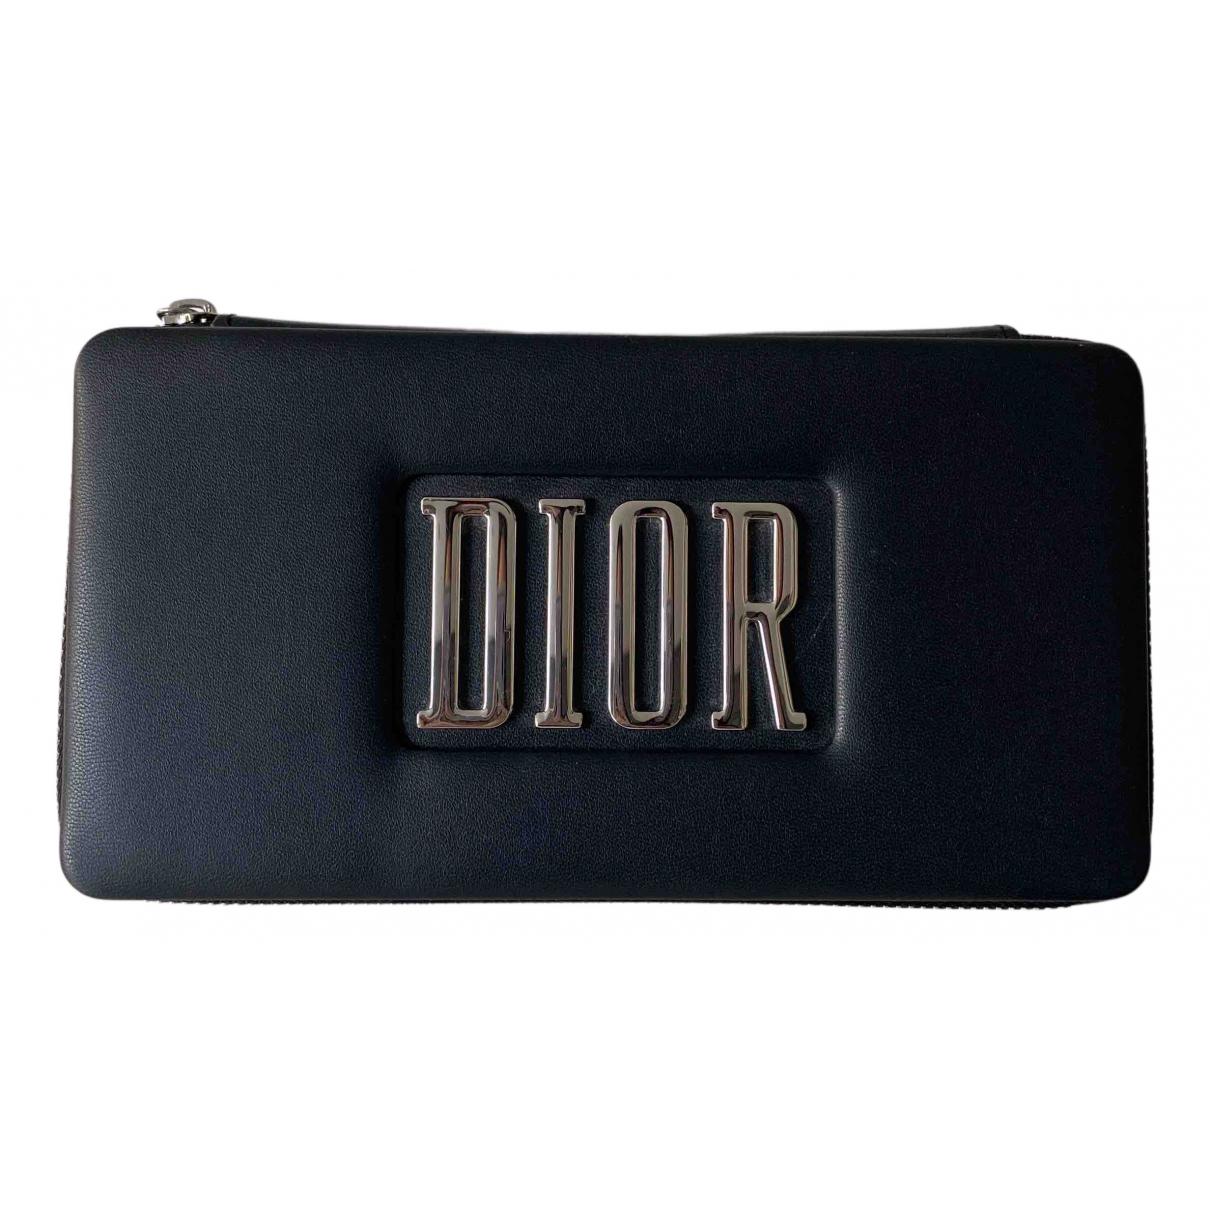 Pochette Dio(r)evolution de Cuero Dior